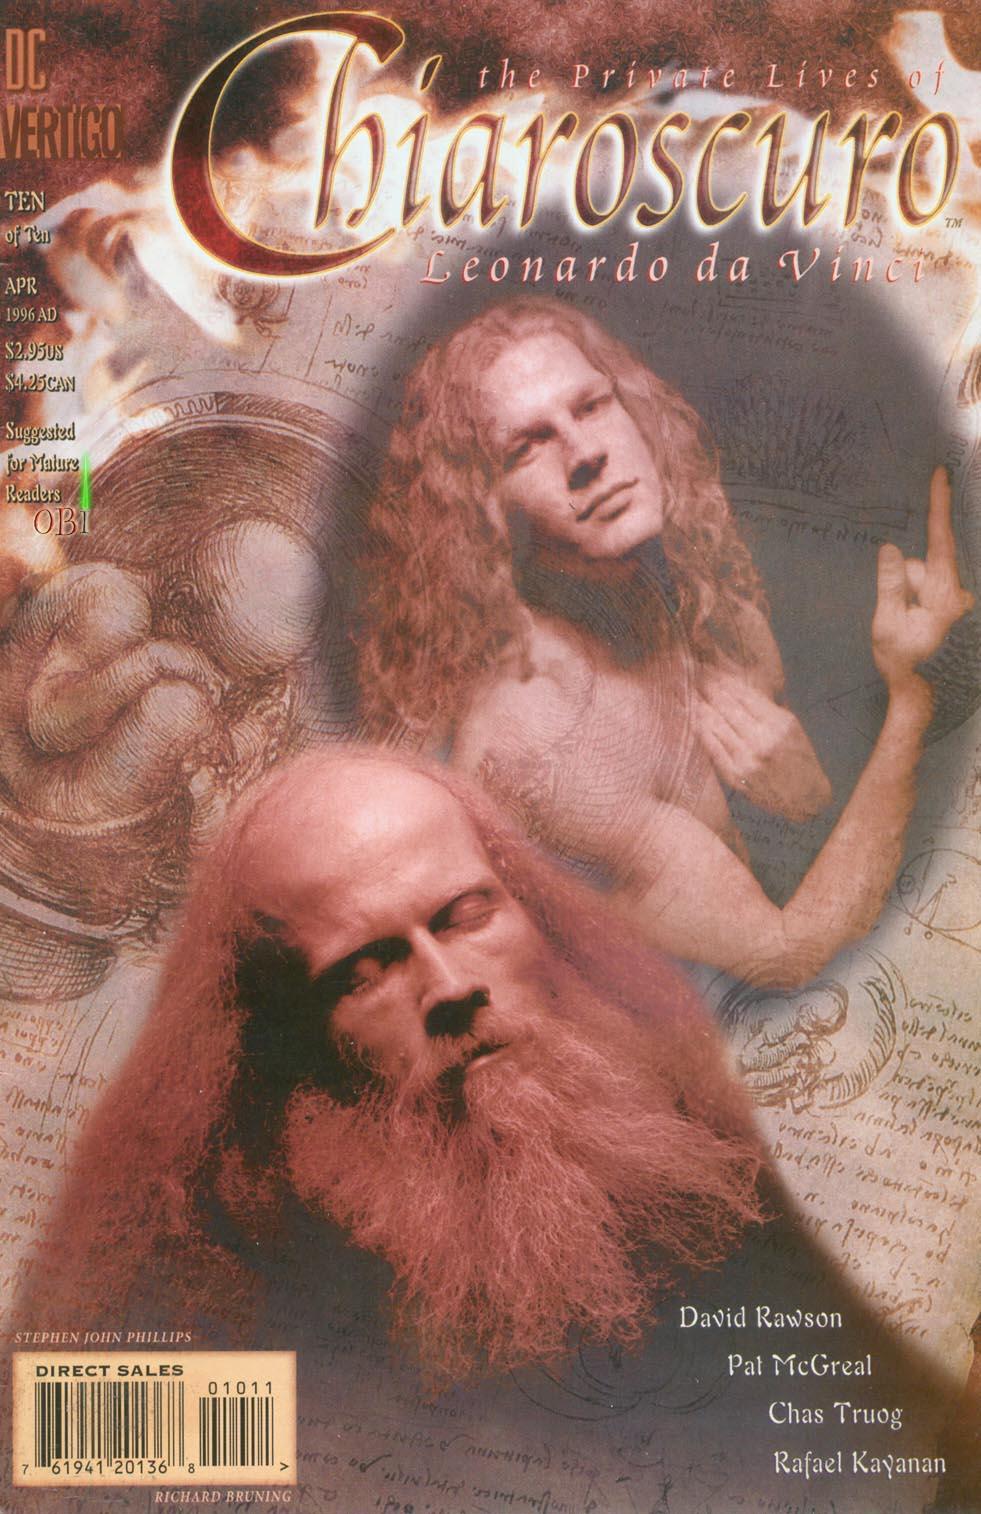 Chiaroscuro: The Private Lives of Leonardo da Vinci Vol 1 10